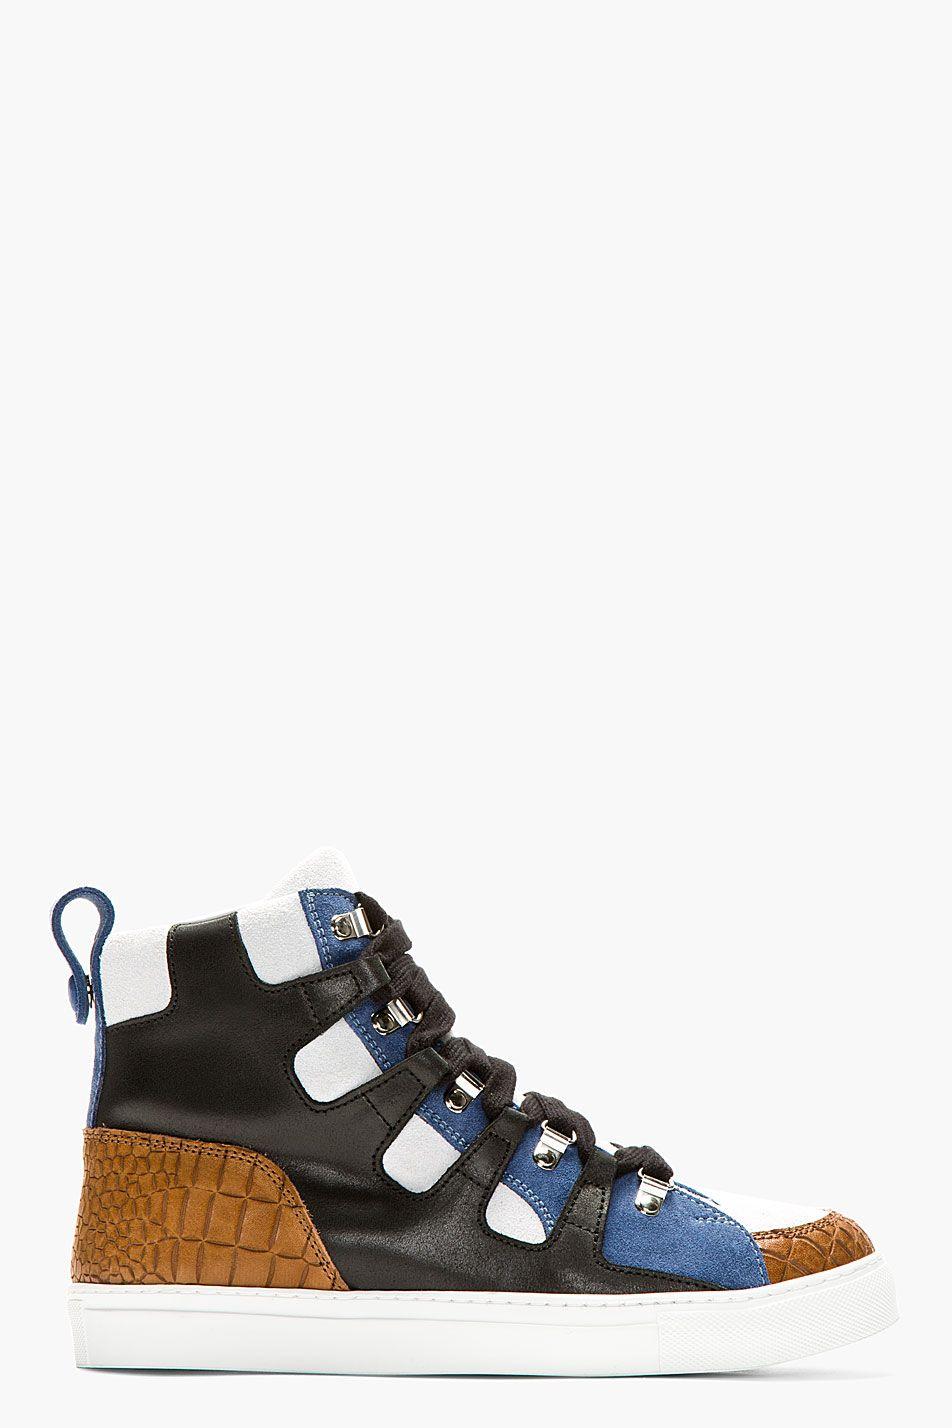 KRISVANASSCHE Black Panelled High-Top Sneakers. Kris Van Assche es mi gallo.